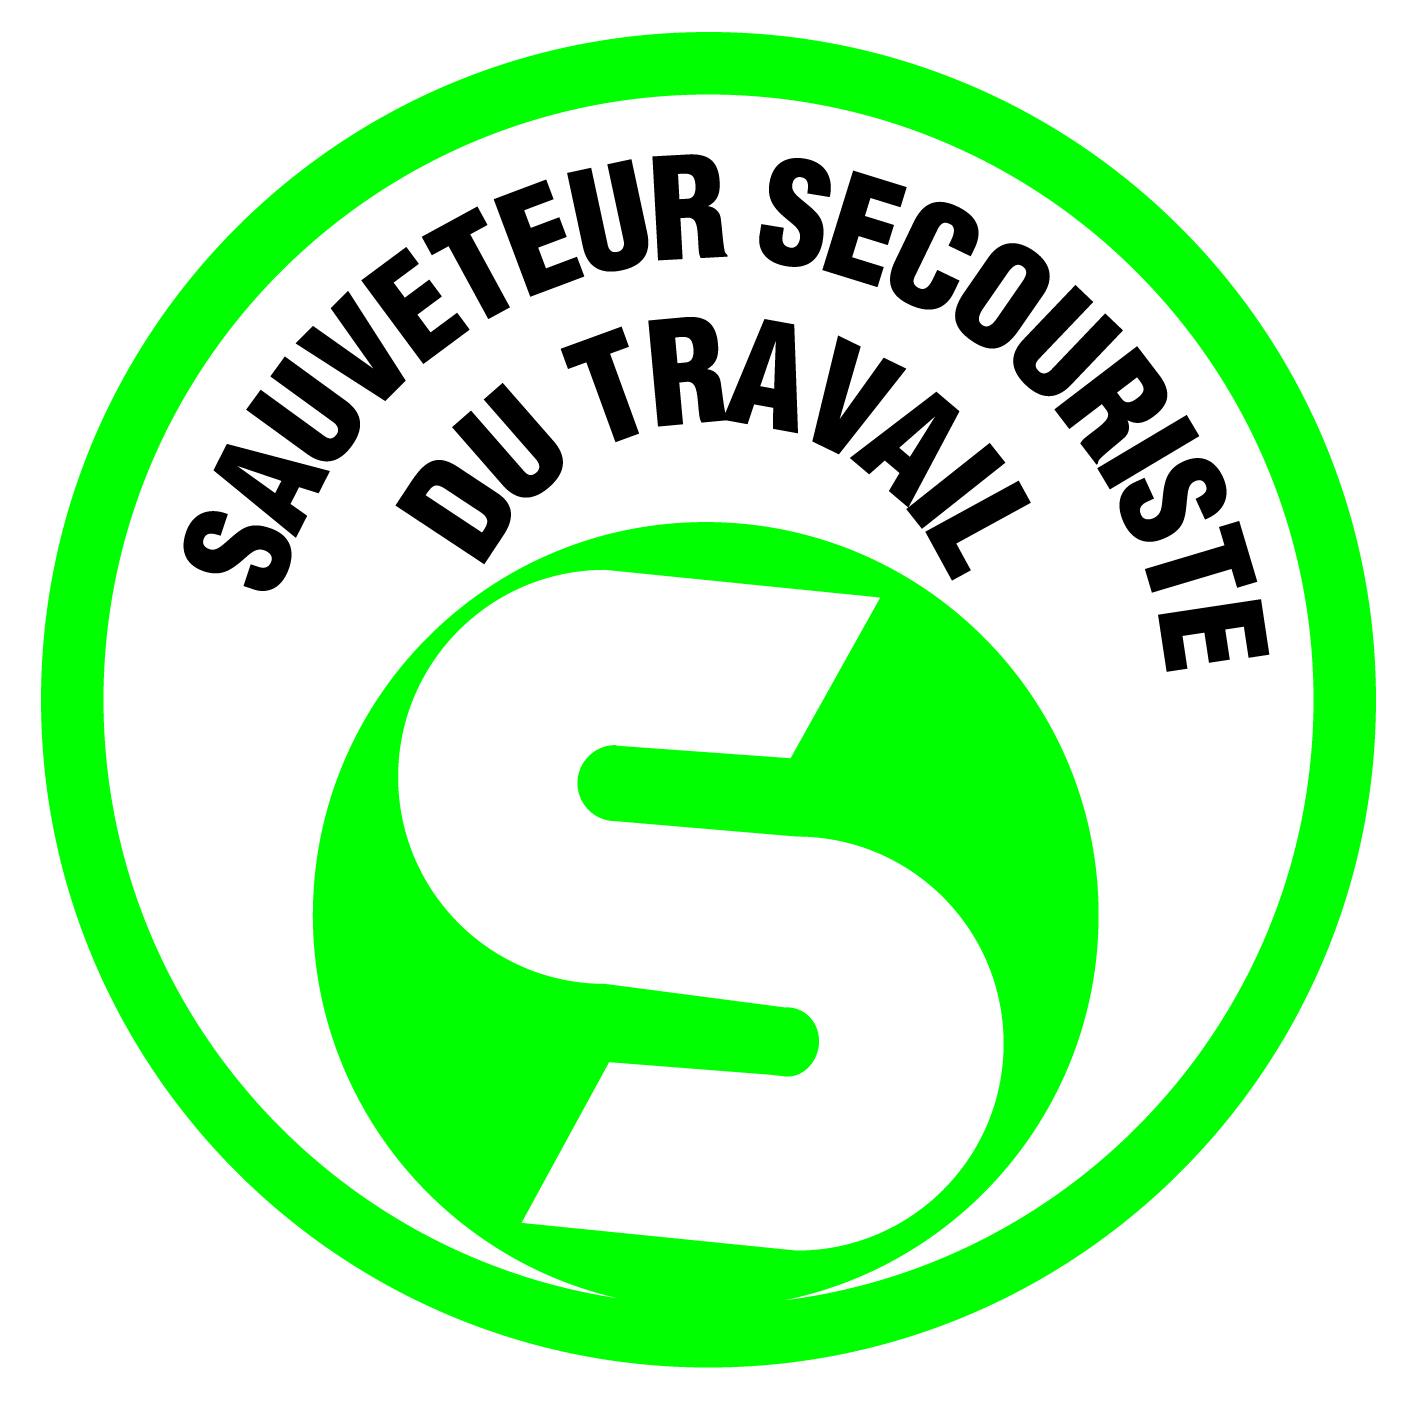 STL Formation Sauveteur secouriste du travail logo